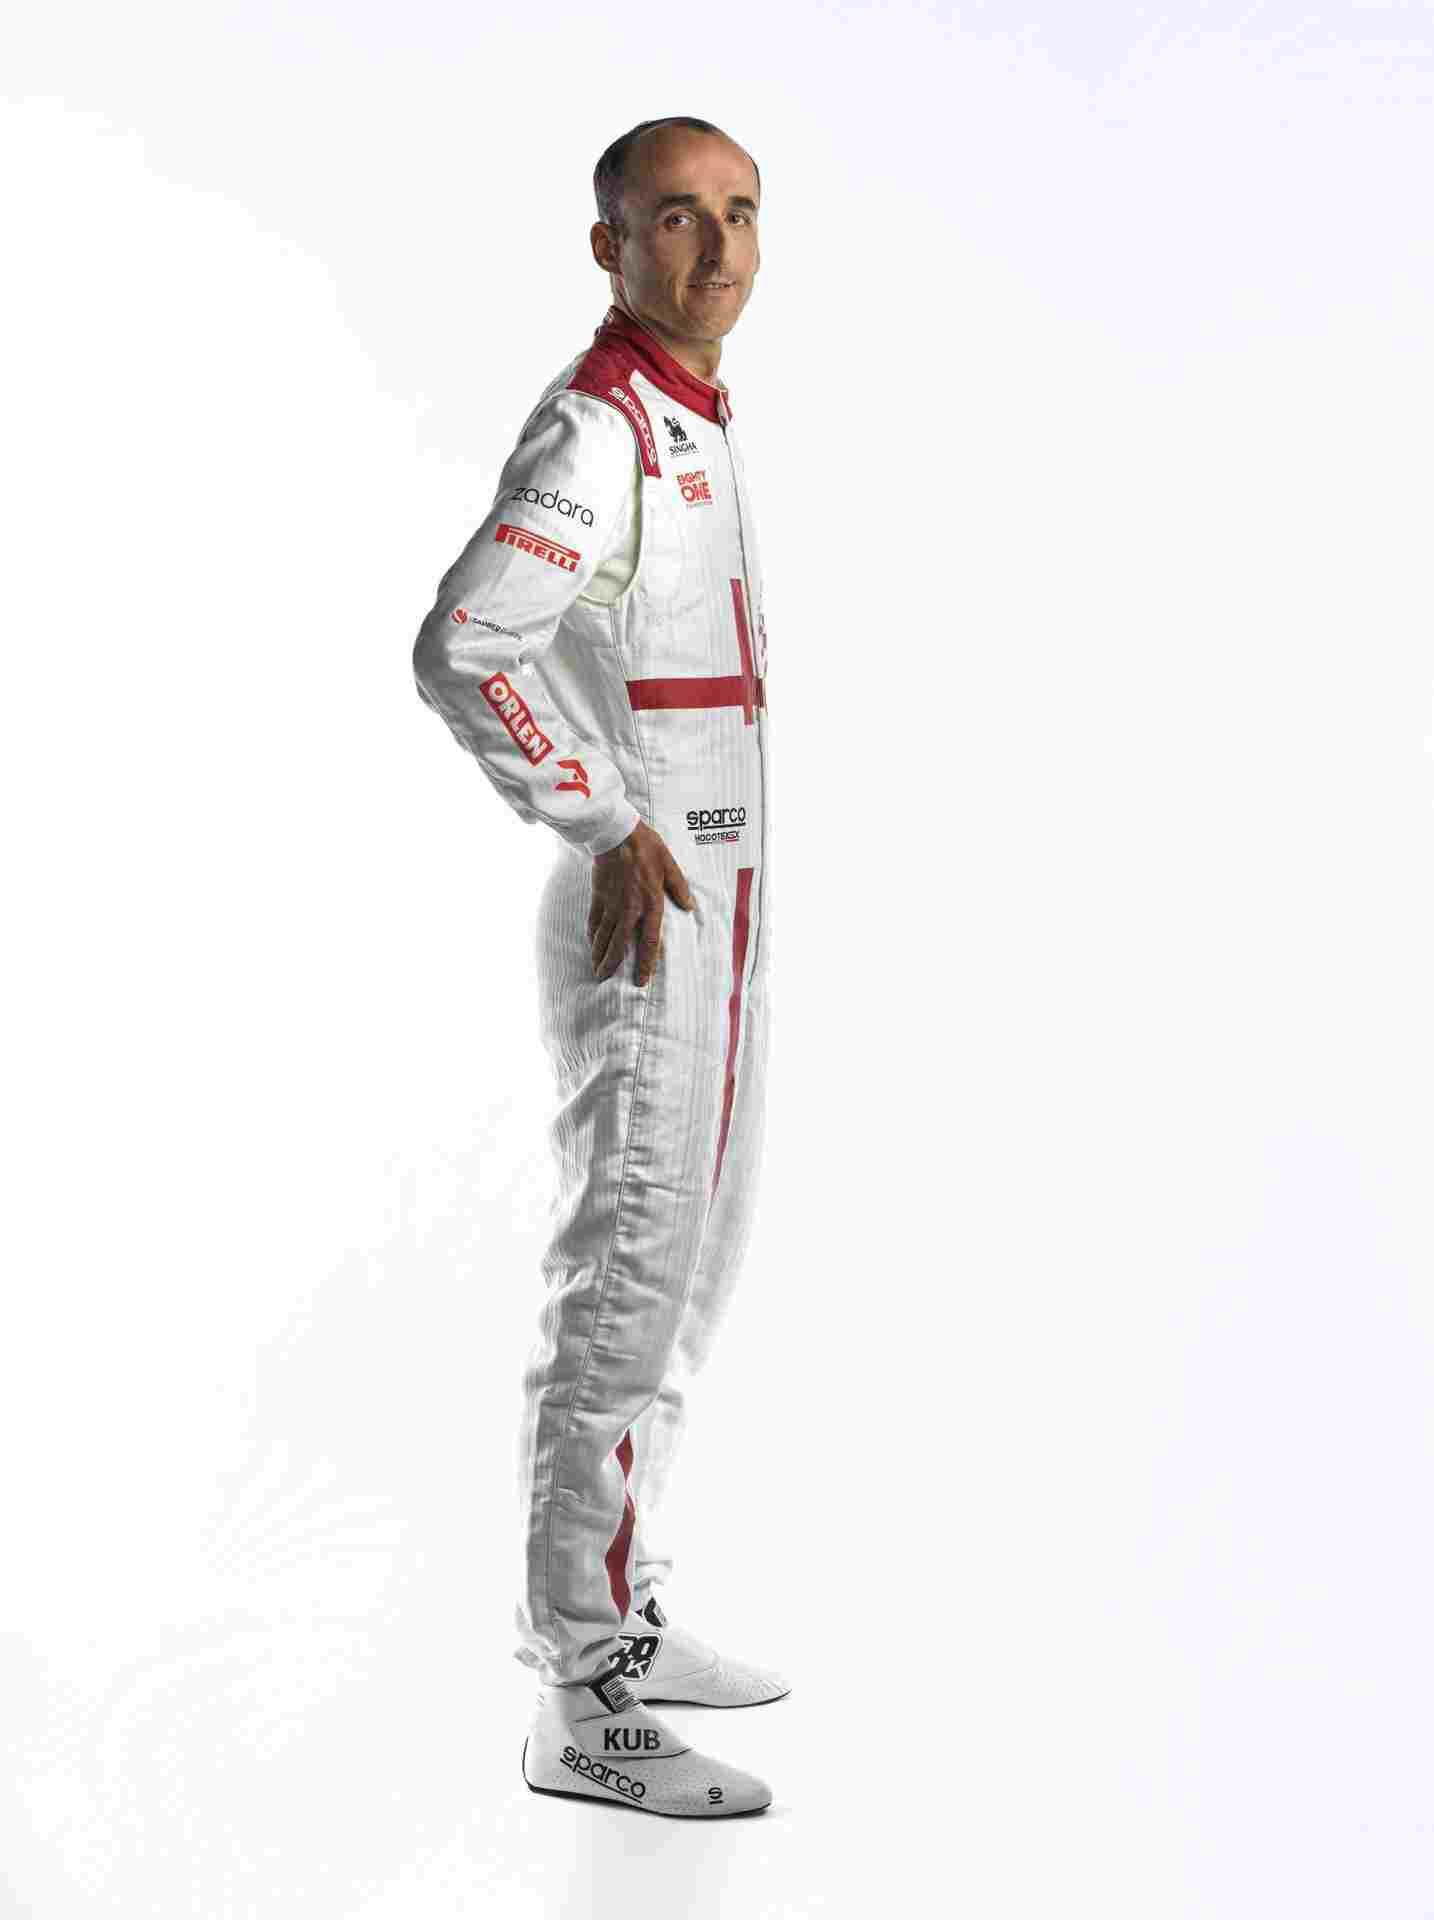 Robert-Kubica-Race-Suit-5